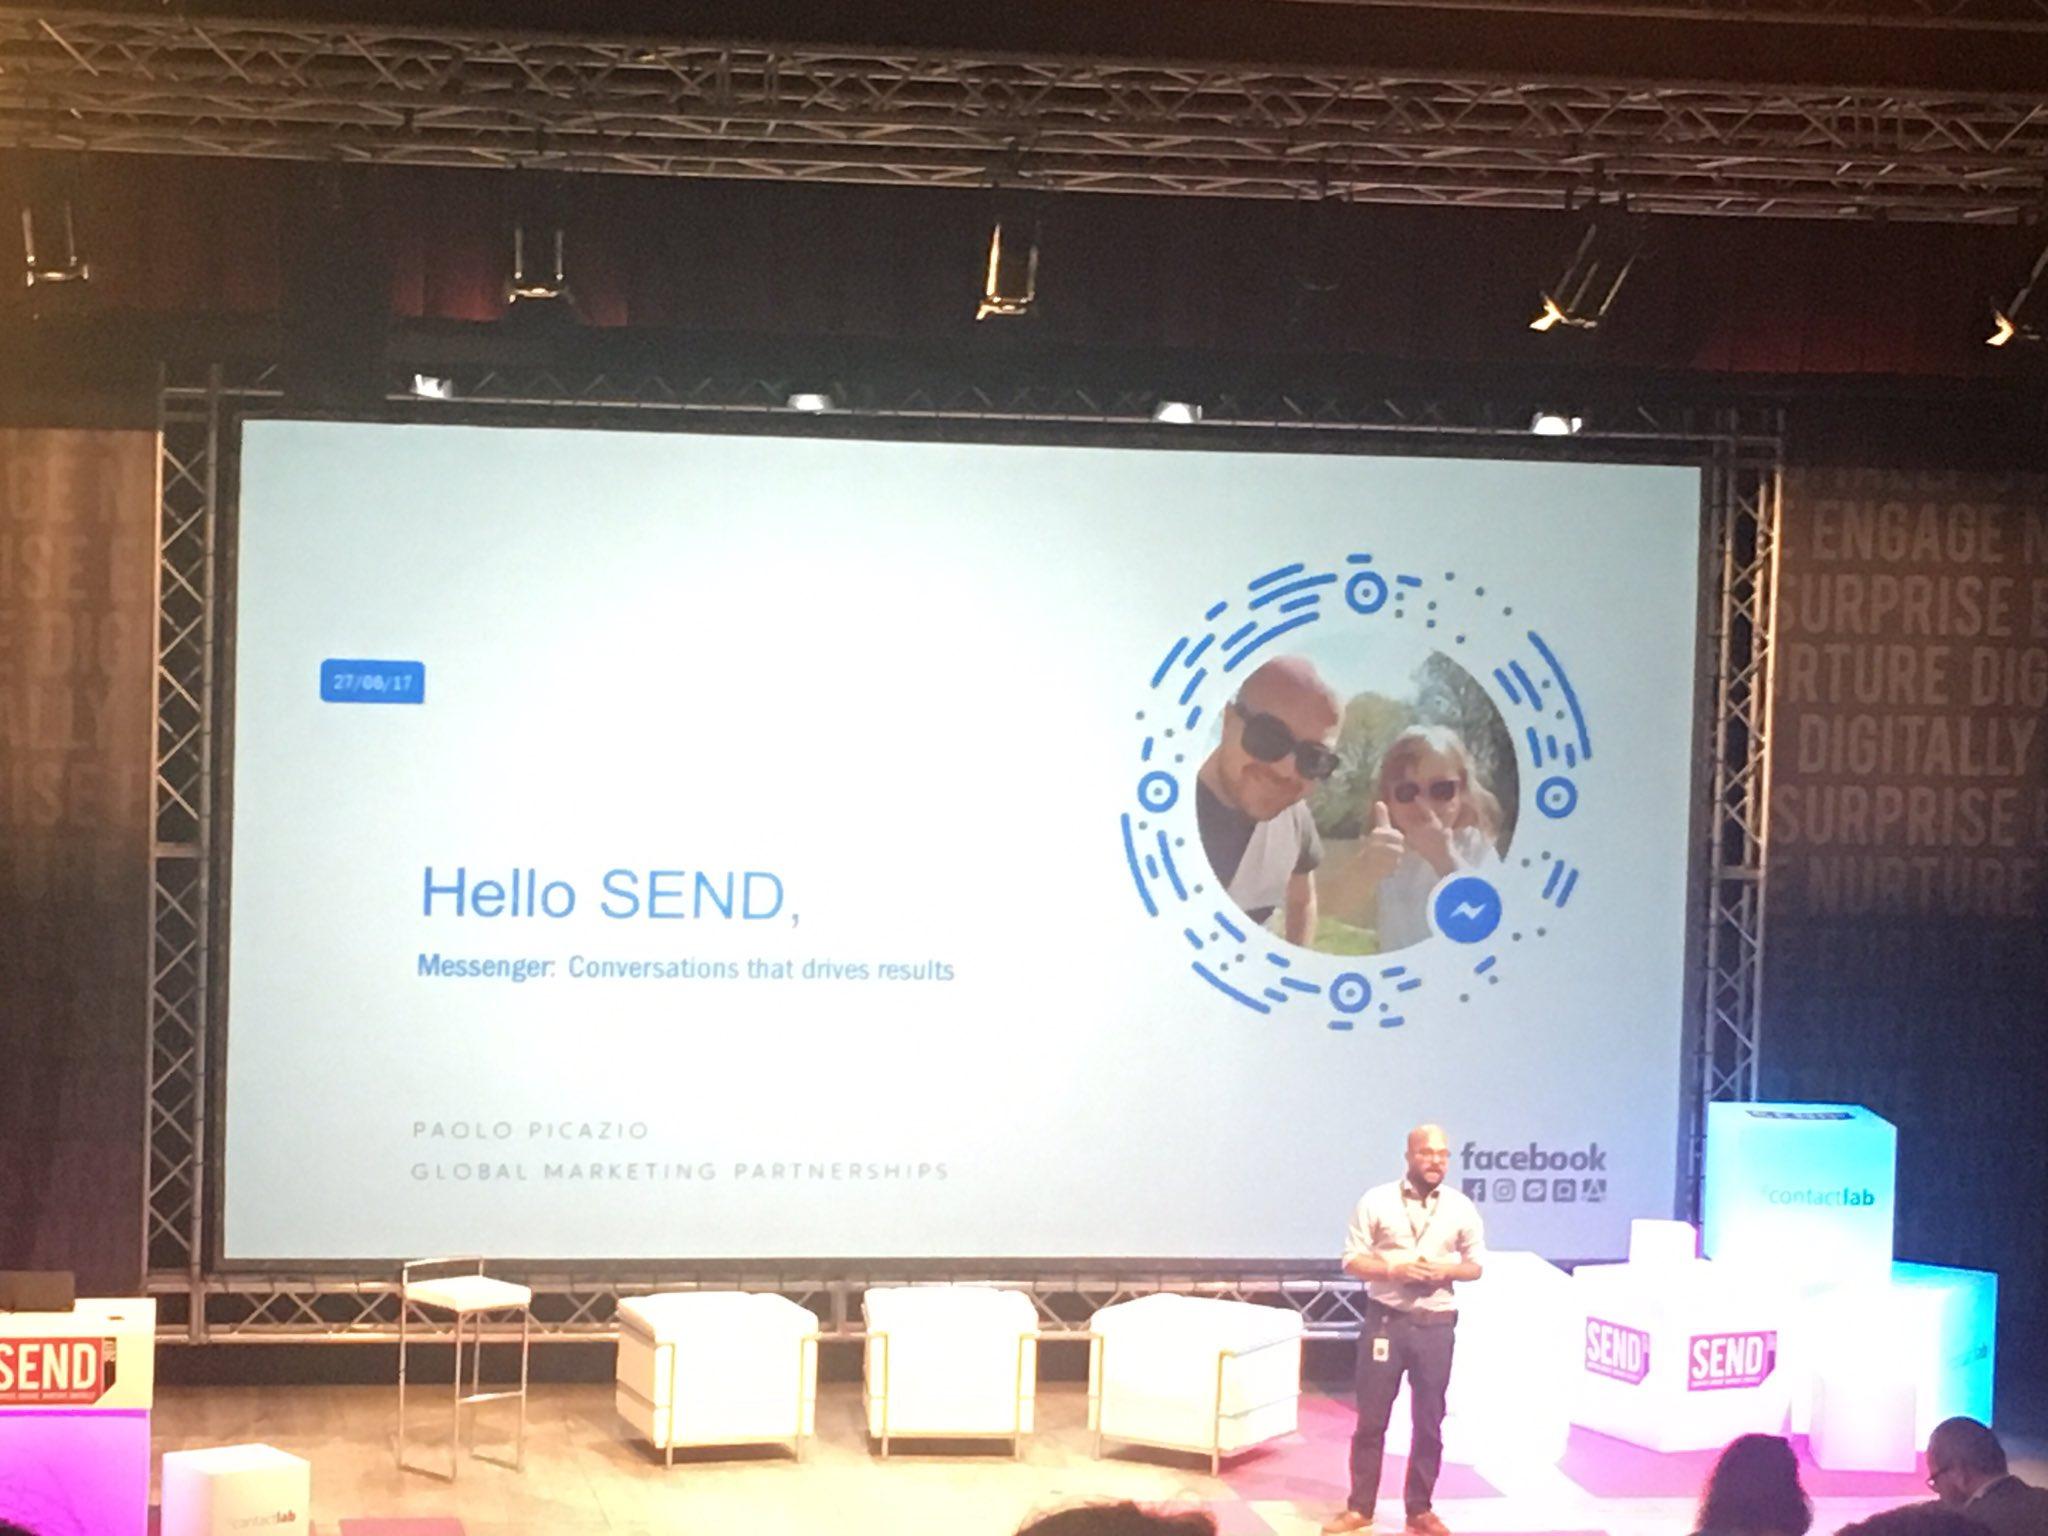 Sul palco di #SENDSummit17 @paolopicazio ci parla di #Facebook e app di messaggistica https://t.co/D9VThYzbxg